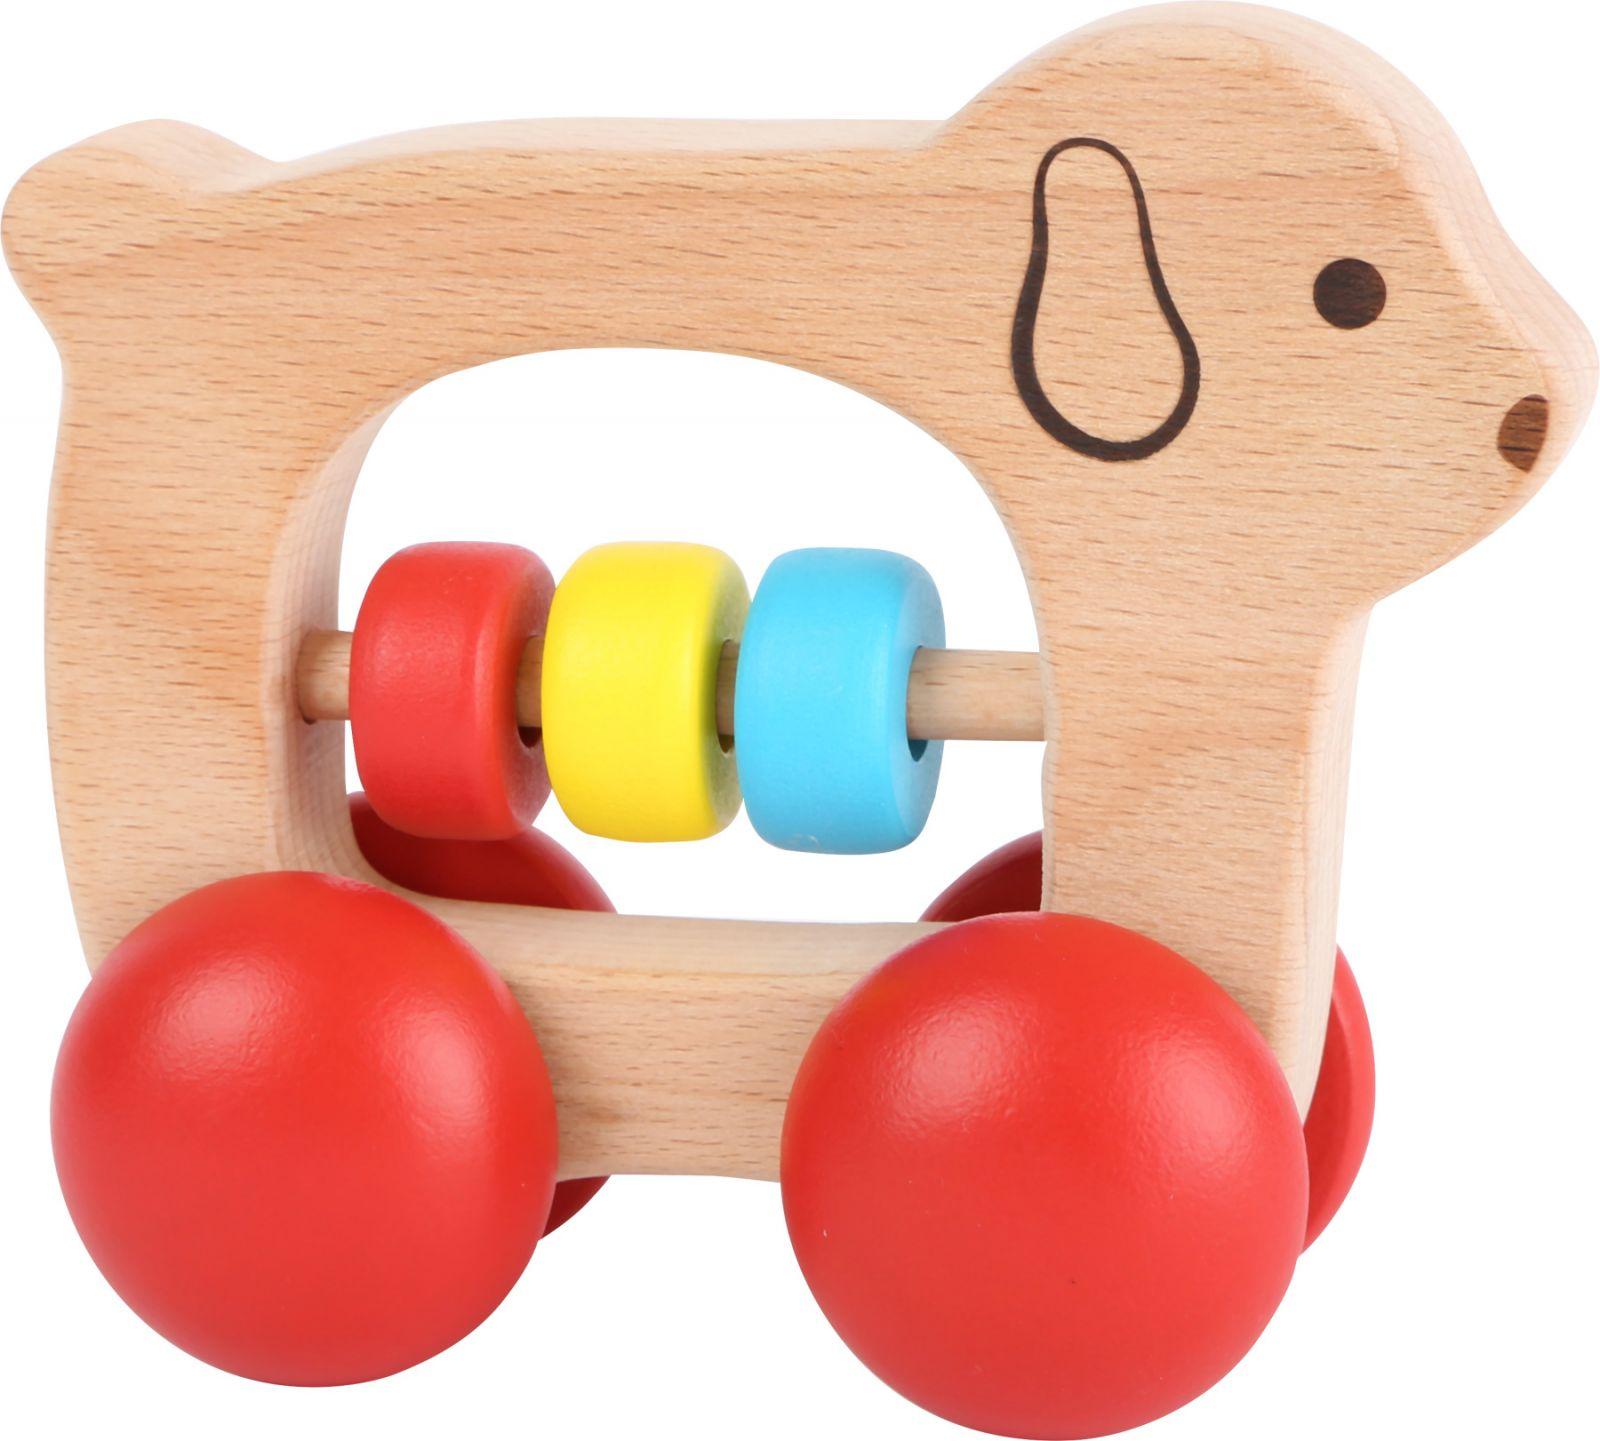 Dřevěné hračky Dřevěný pejsek Griffin Small foot by Legler